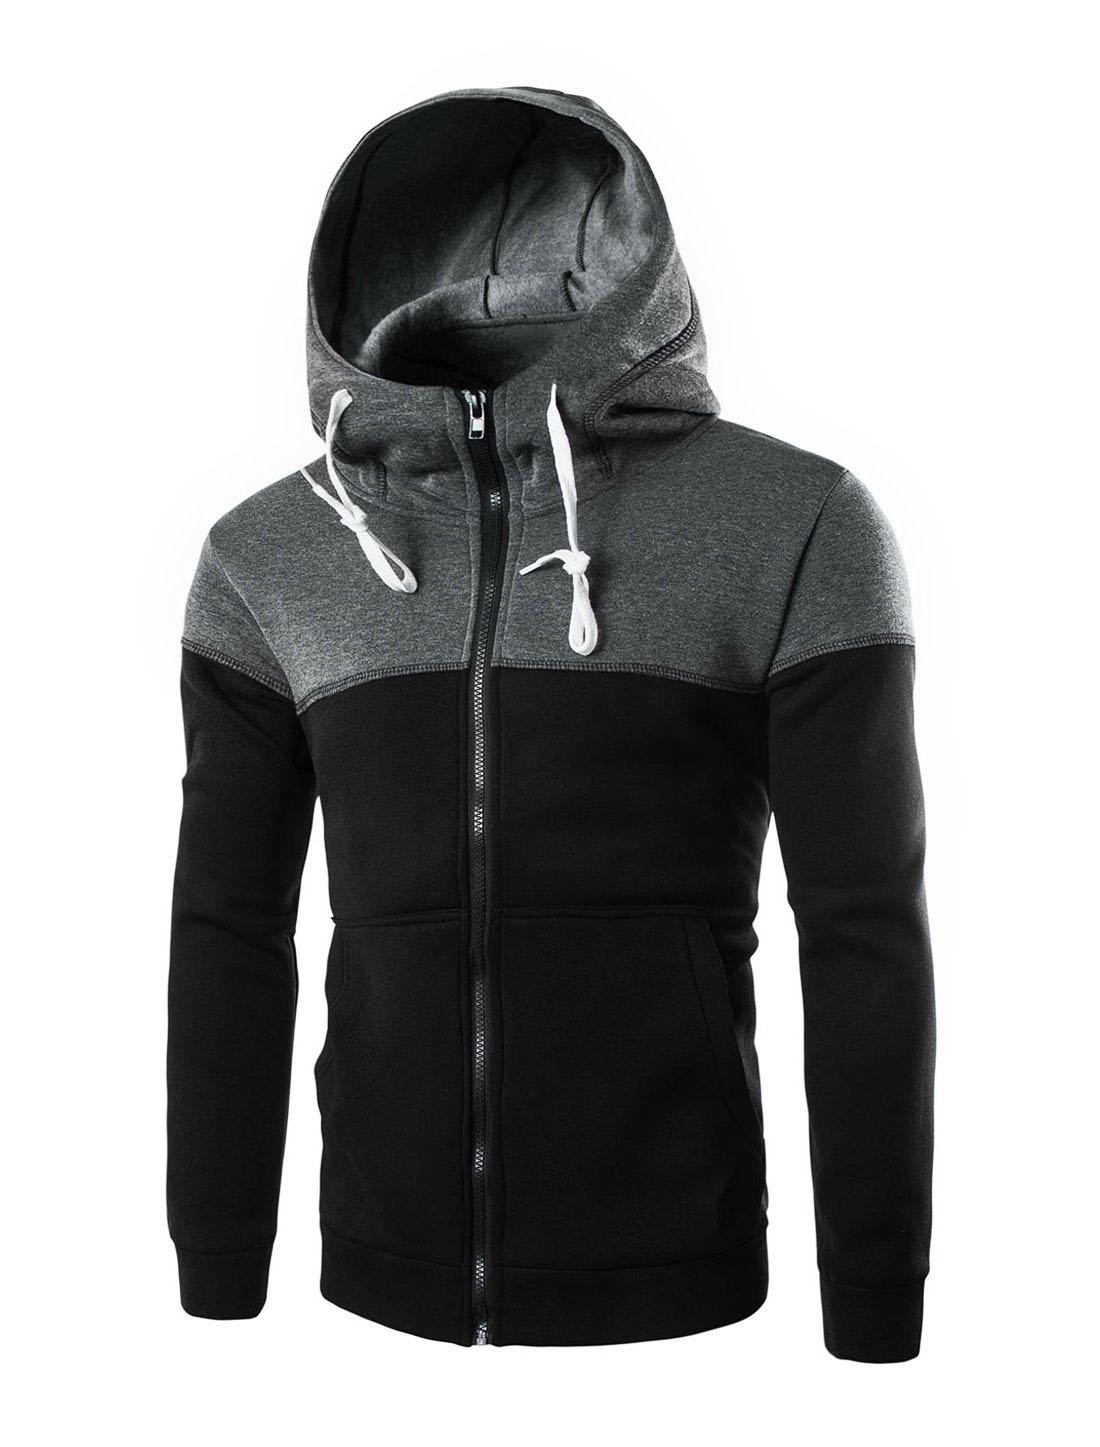 Men Long Sleeve Zip Up Front Pockets Slim Fit Hooded Jackets Black L